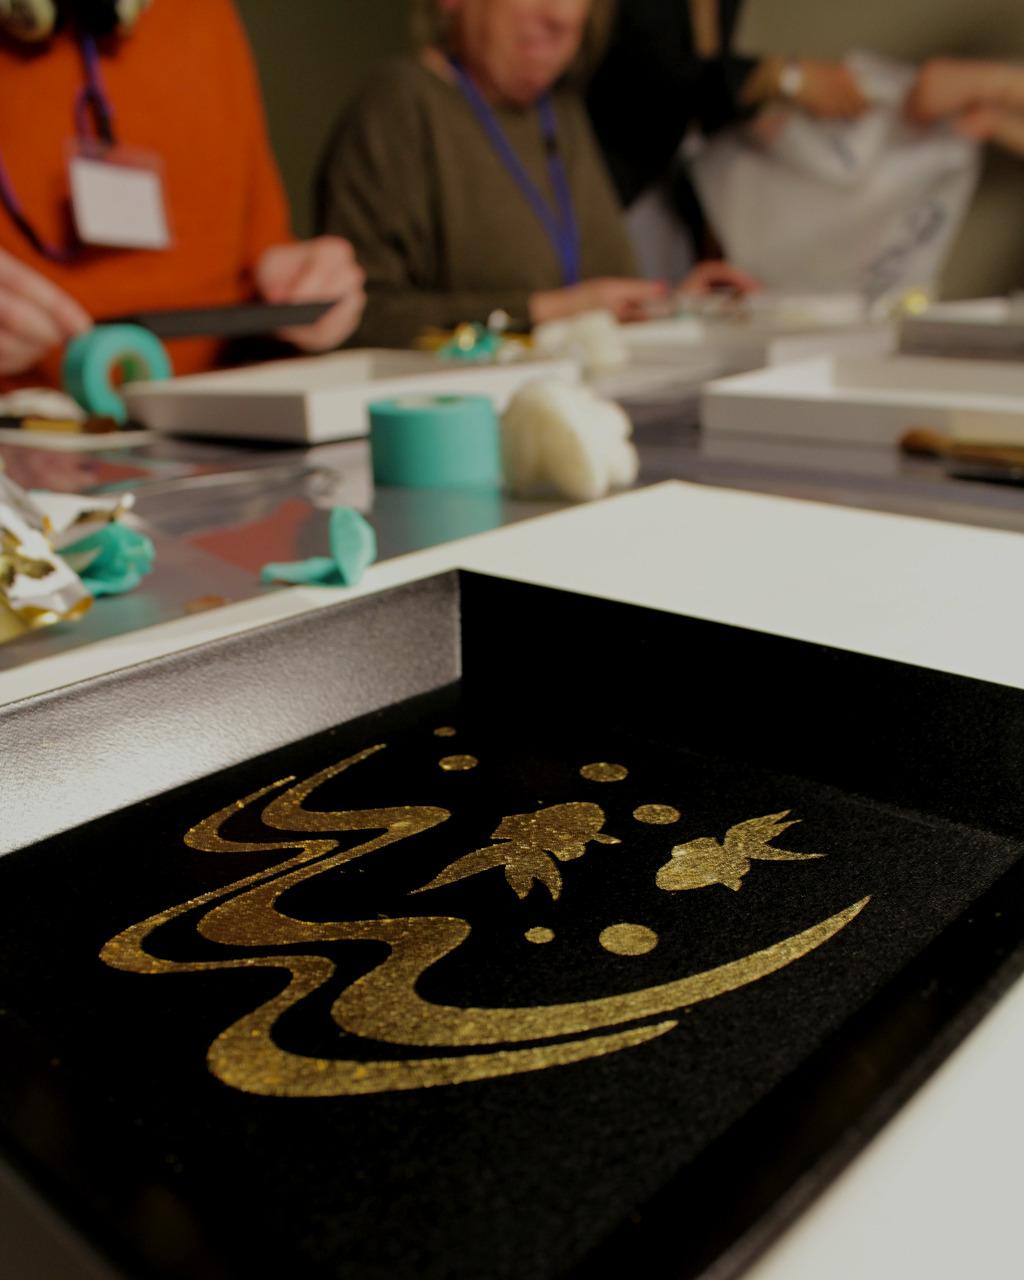 Stenciled gold leaf plate at gold leaf workshop in Kanazawa